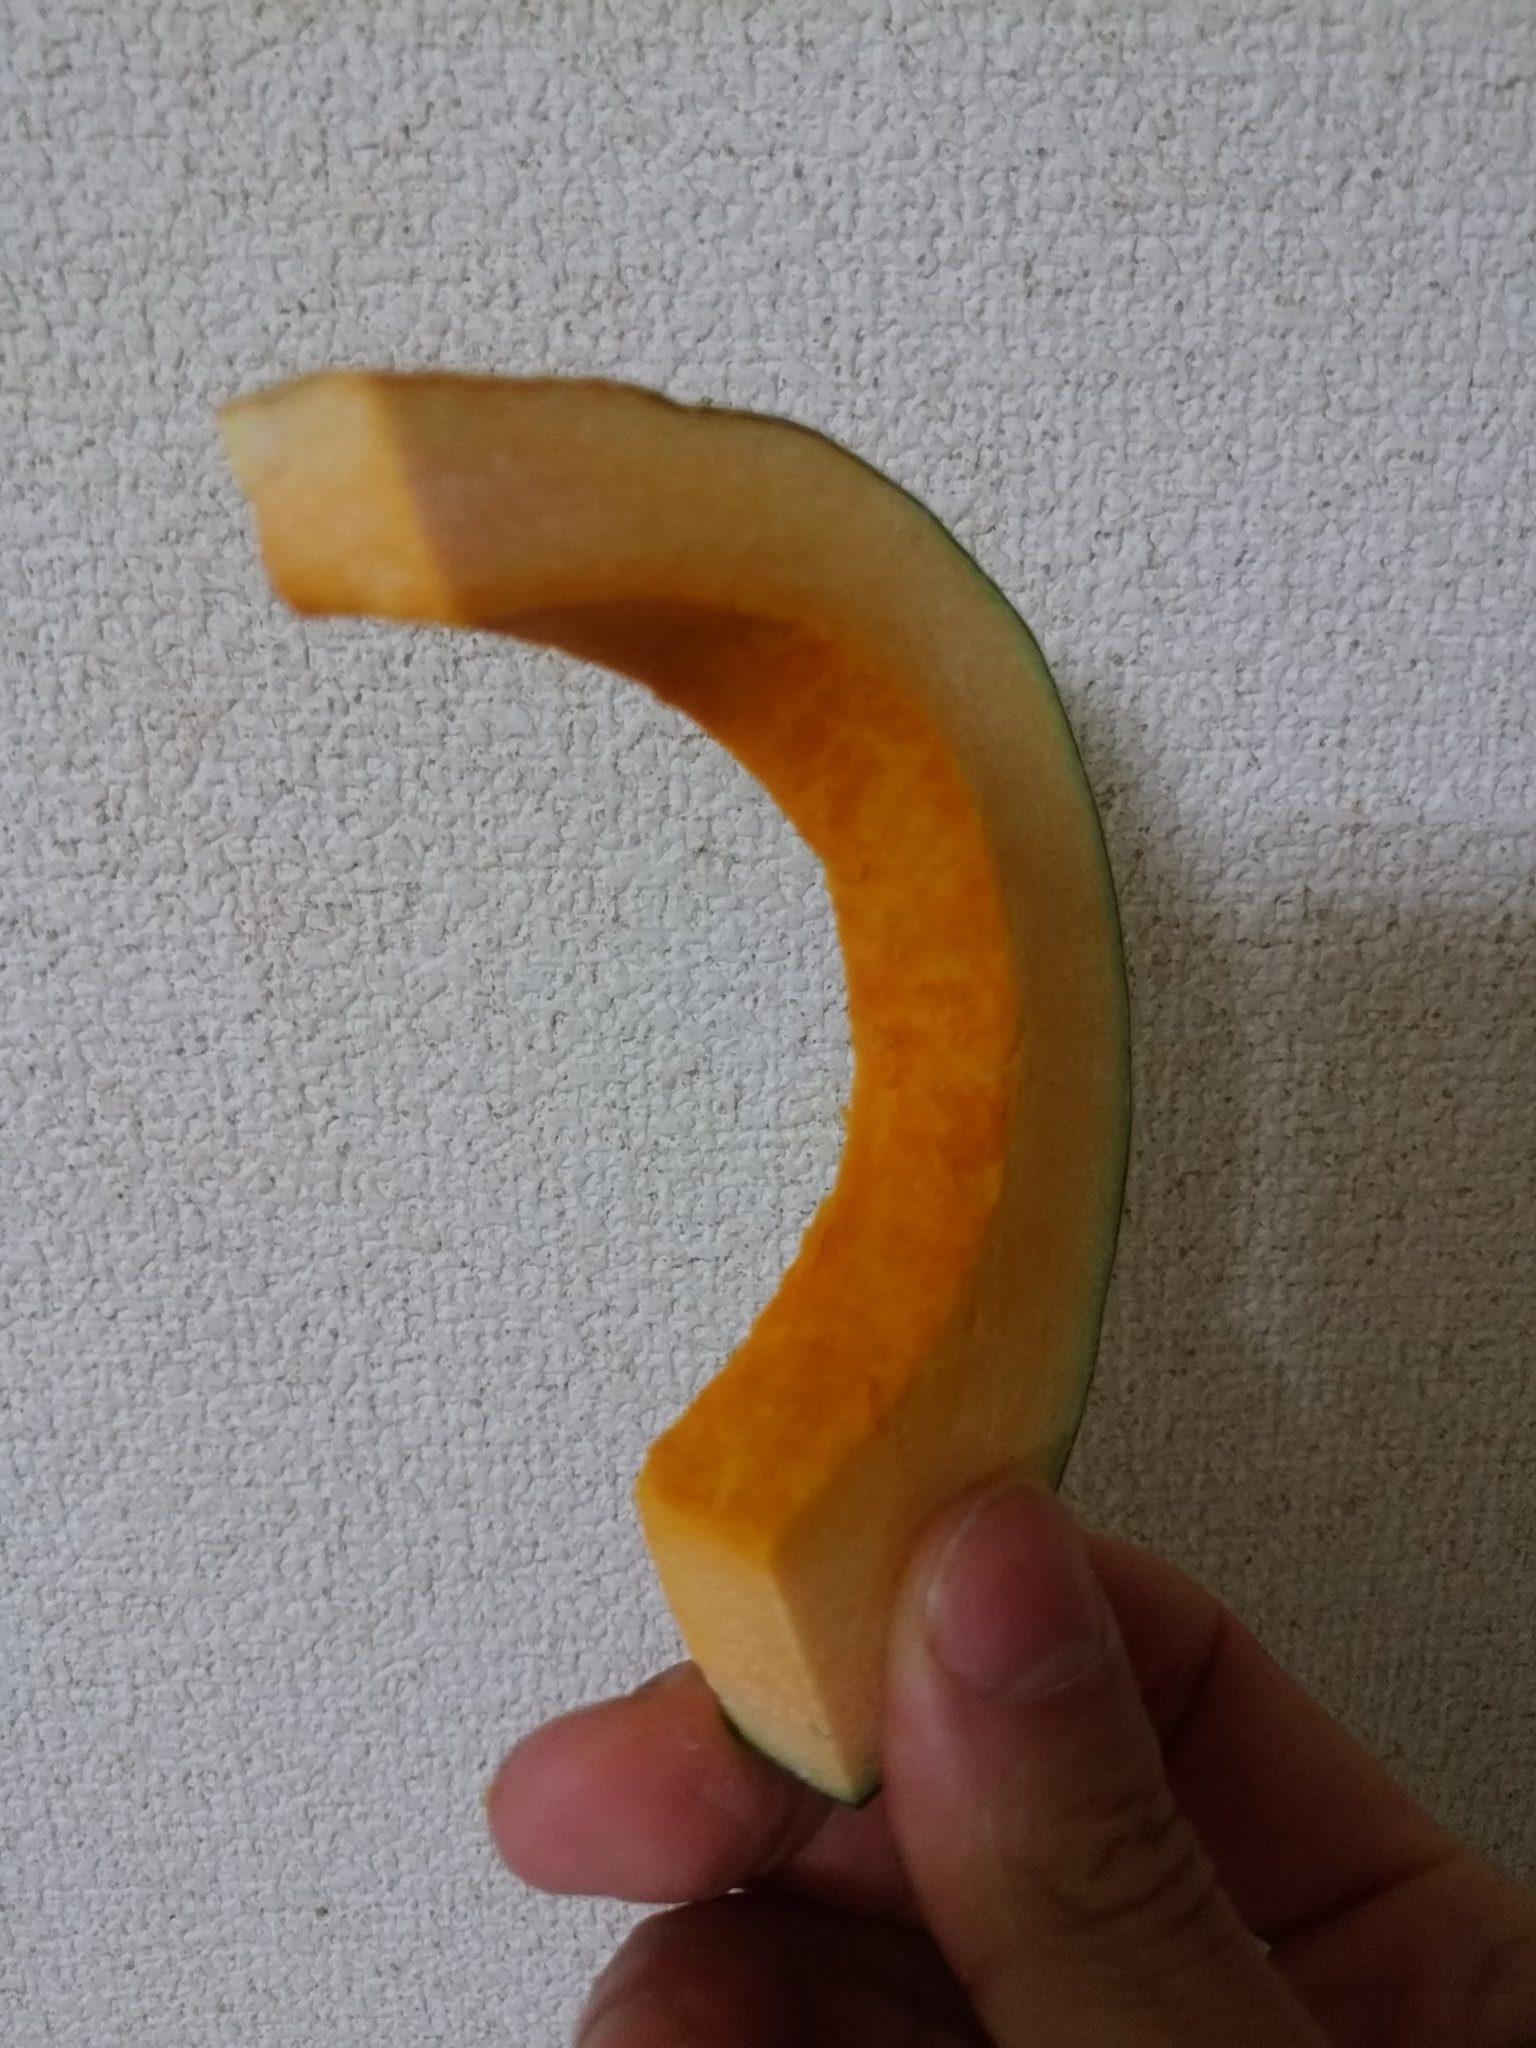 かぼちゃの糖質量は?糖質制限でも食べることはできるの?